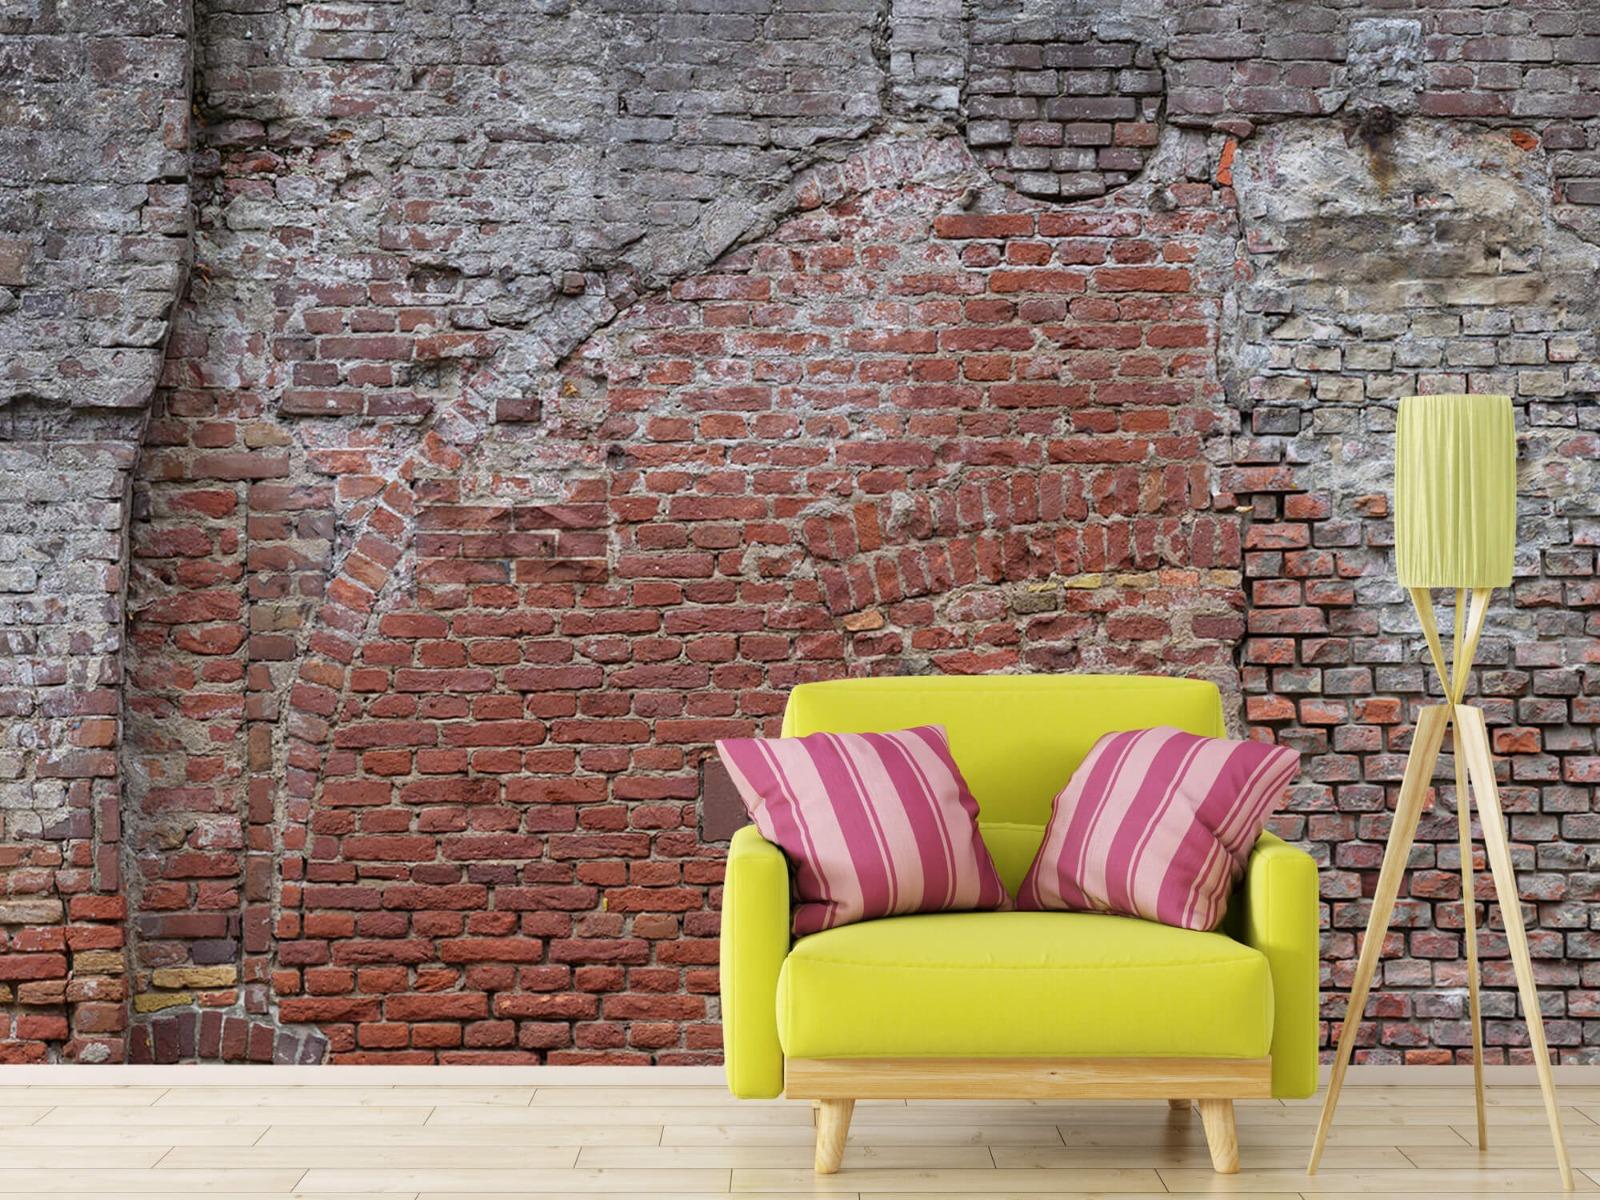 Steen behang - Oude herstelde stadsmuur - Tienerkamer 17